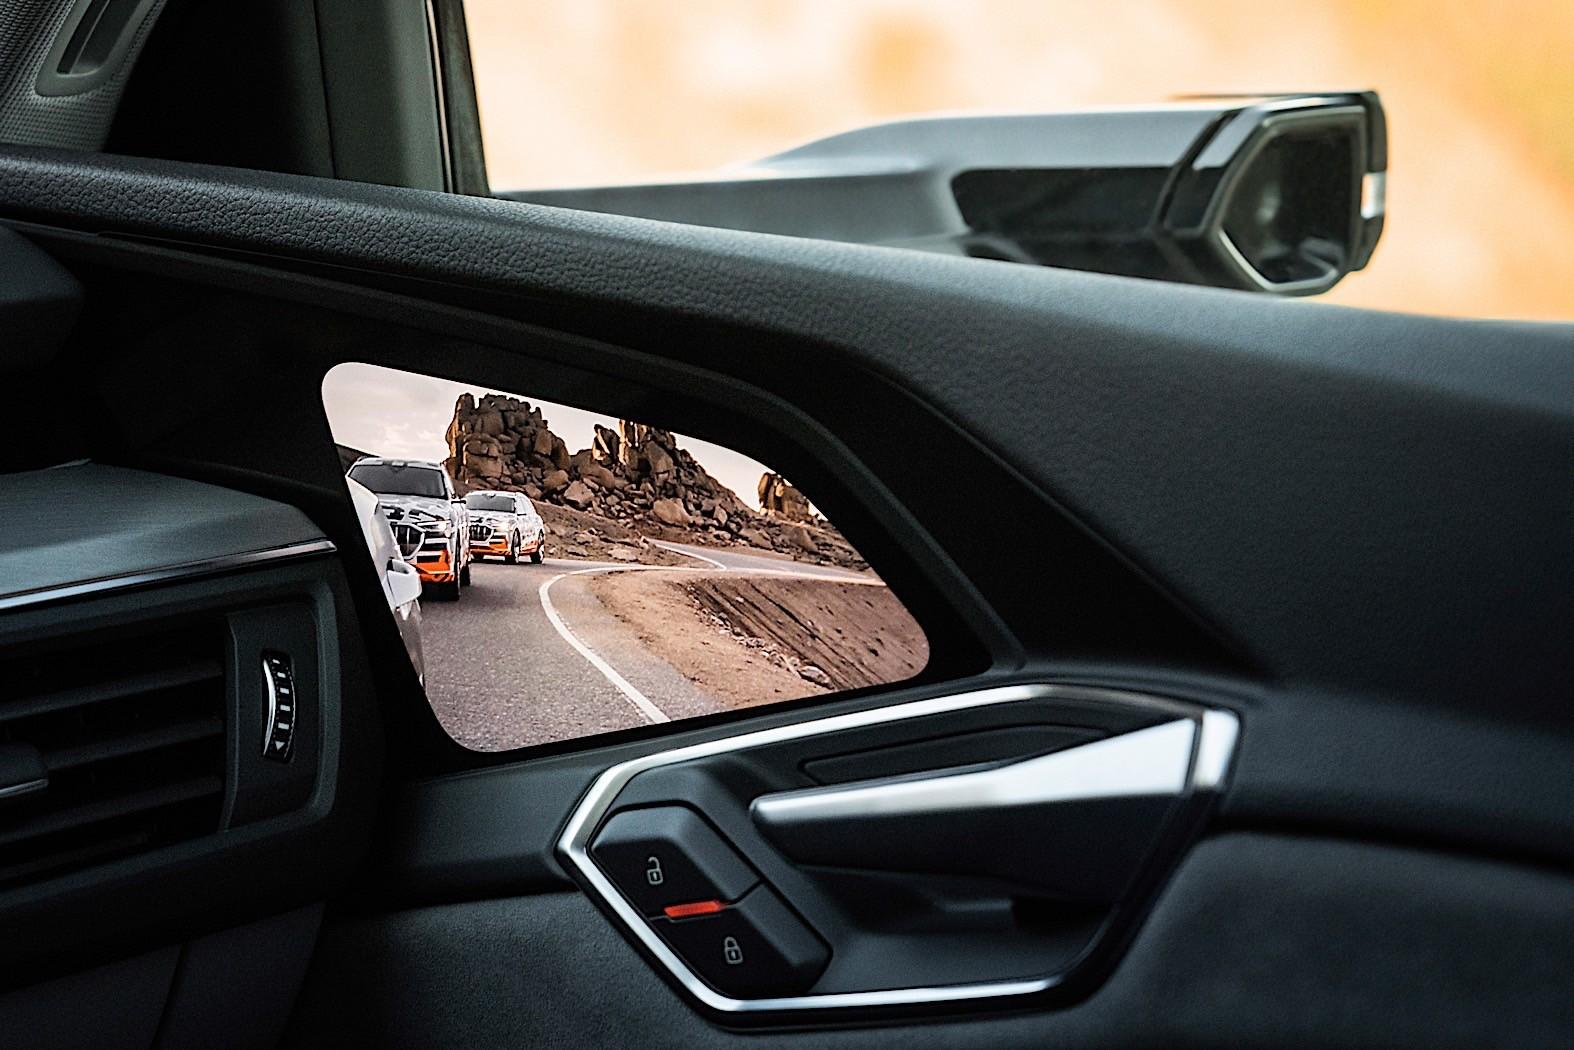 Audi E Tron Suv Performance Specs Released Autoevolution